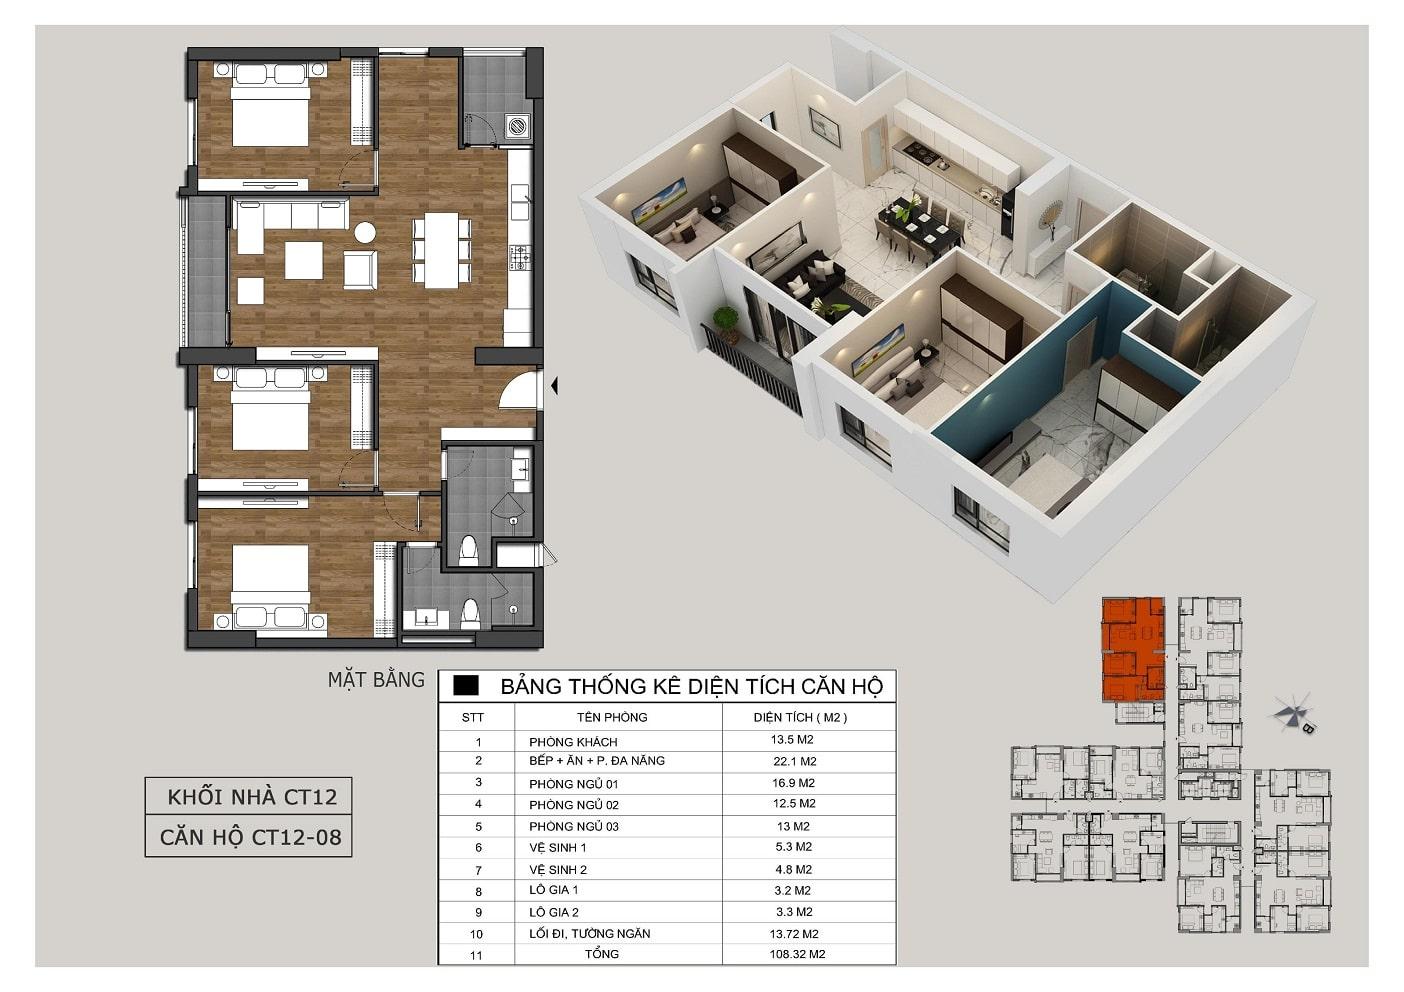 Thiết kế căn 08 tòa CT12 Rosa